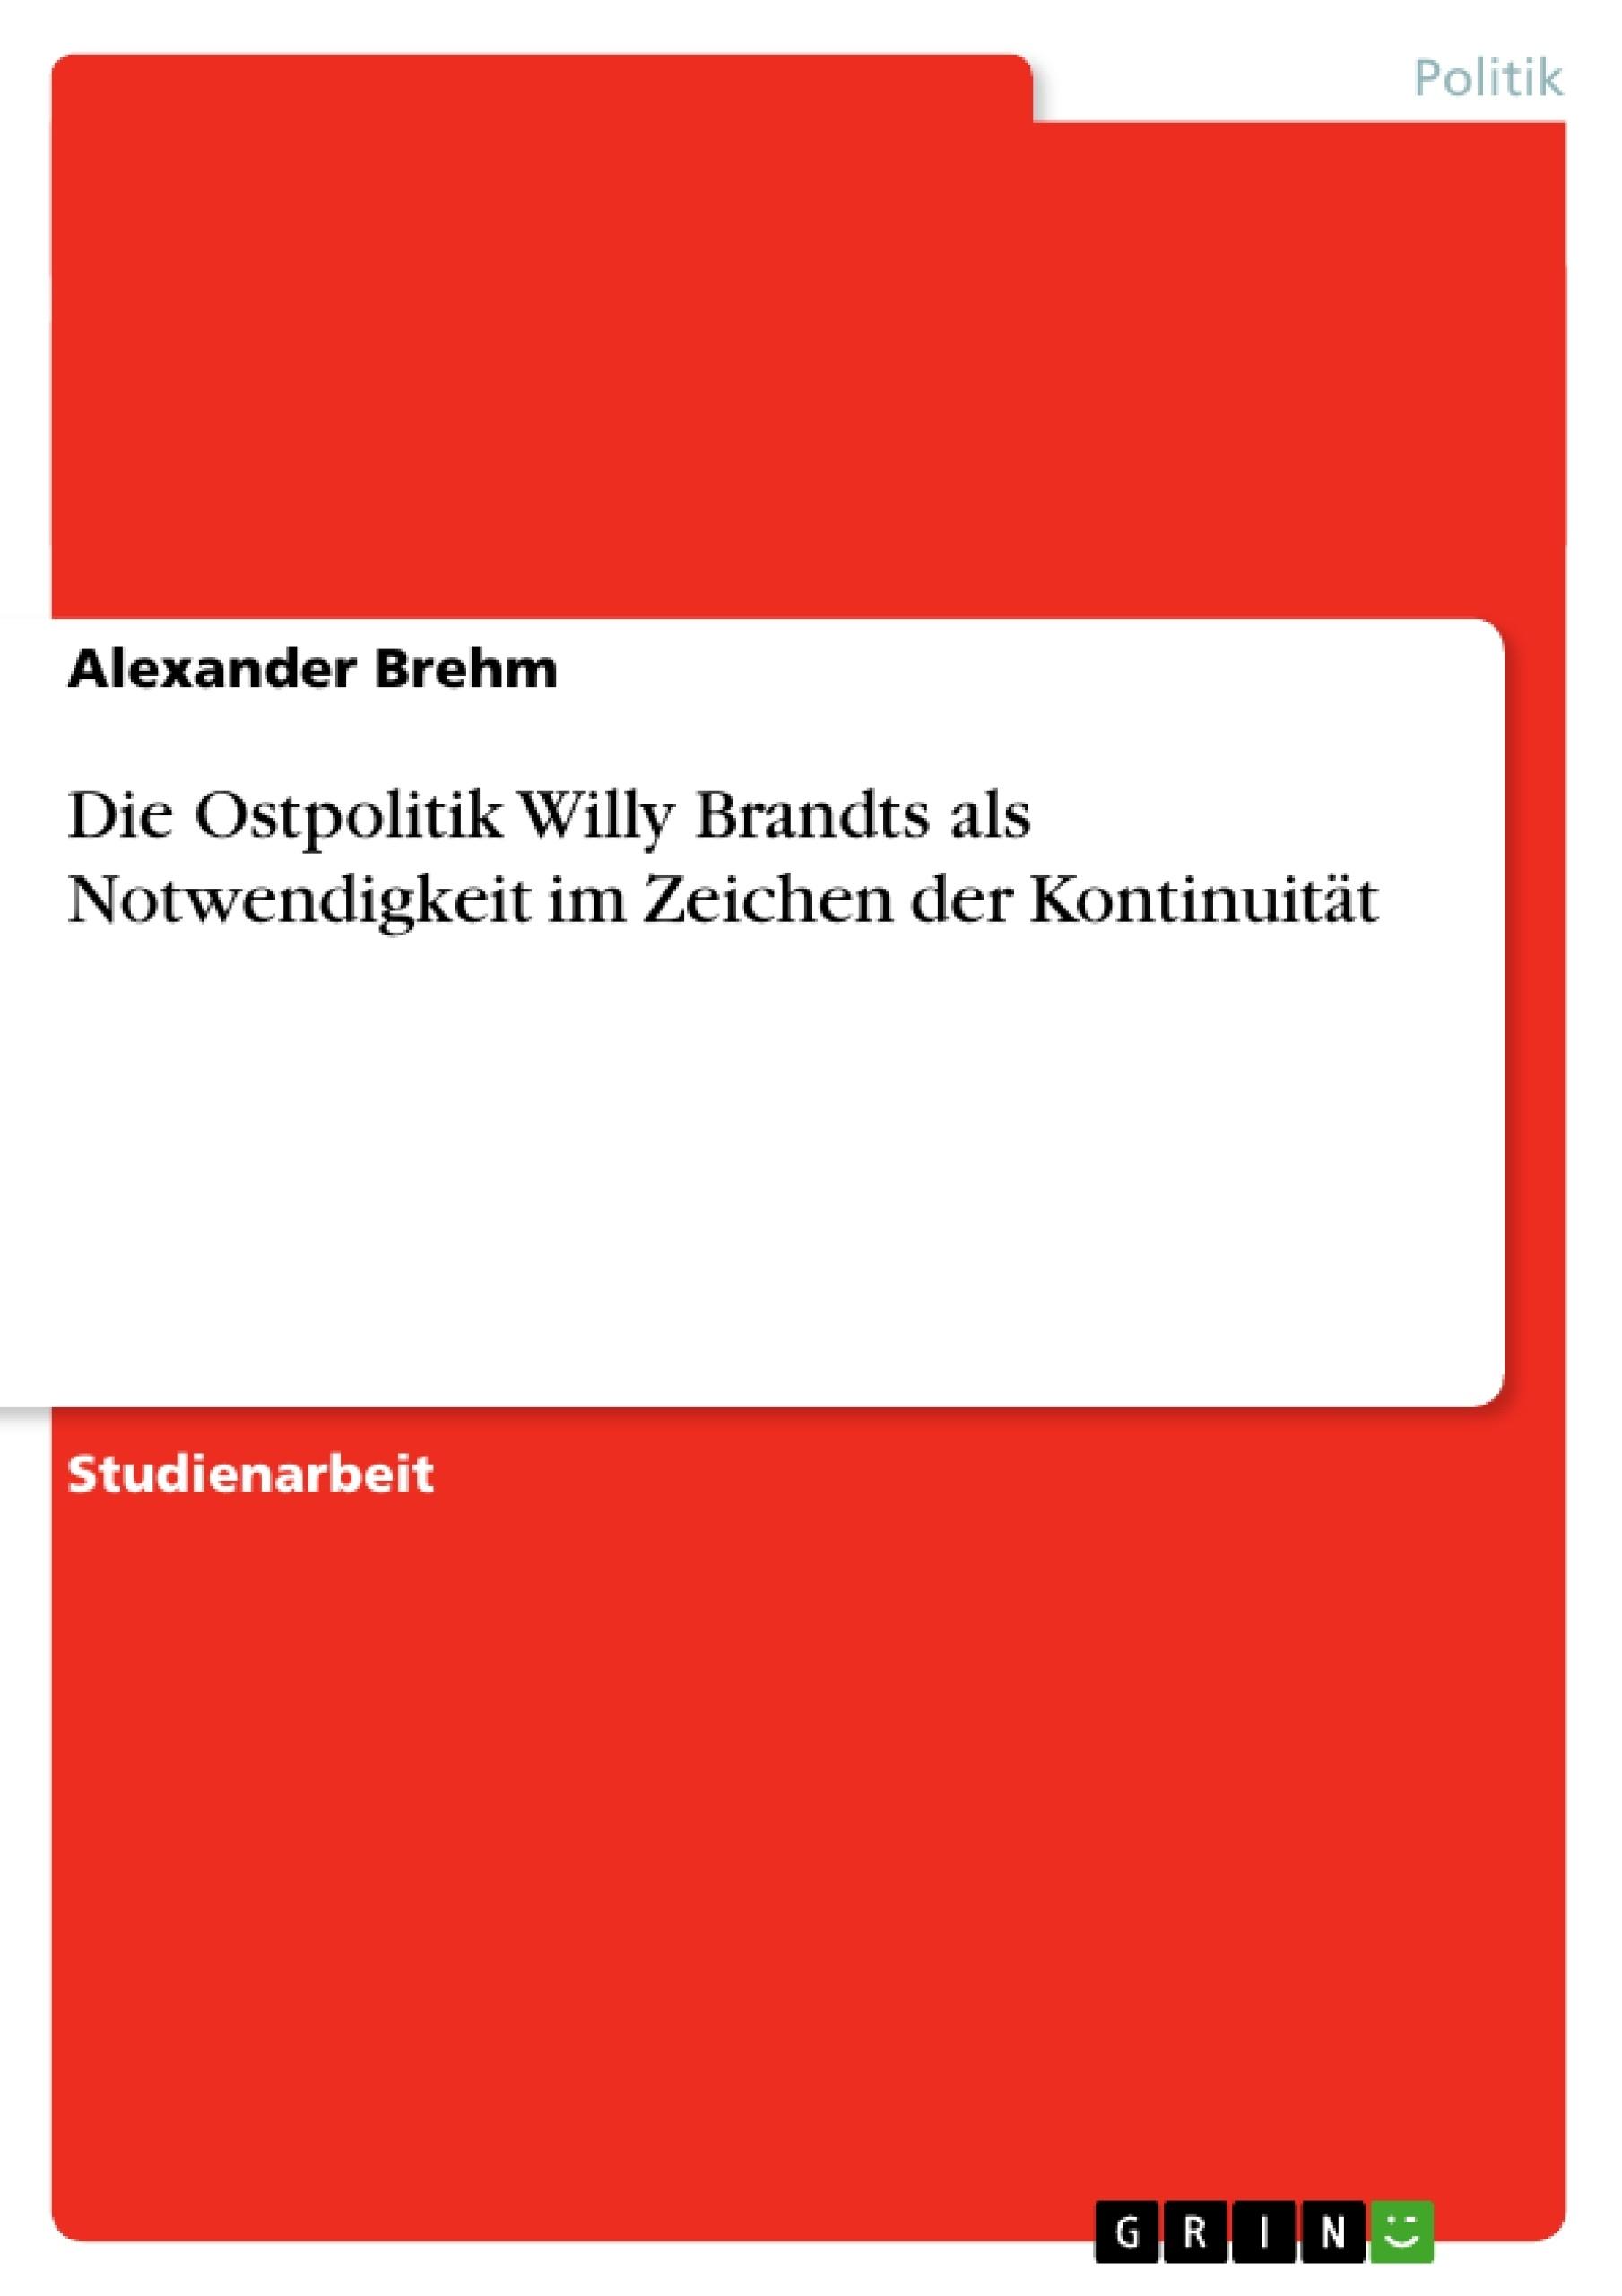 Titel: Die Ostpolitik Willy Brandts als Notwendigkeit im Zeichen der Kontinuität